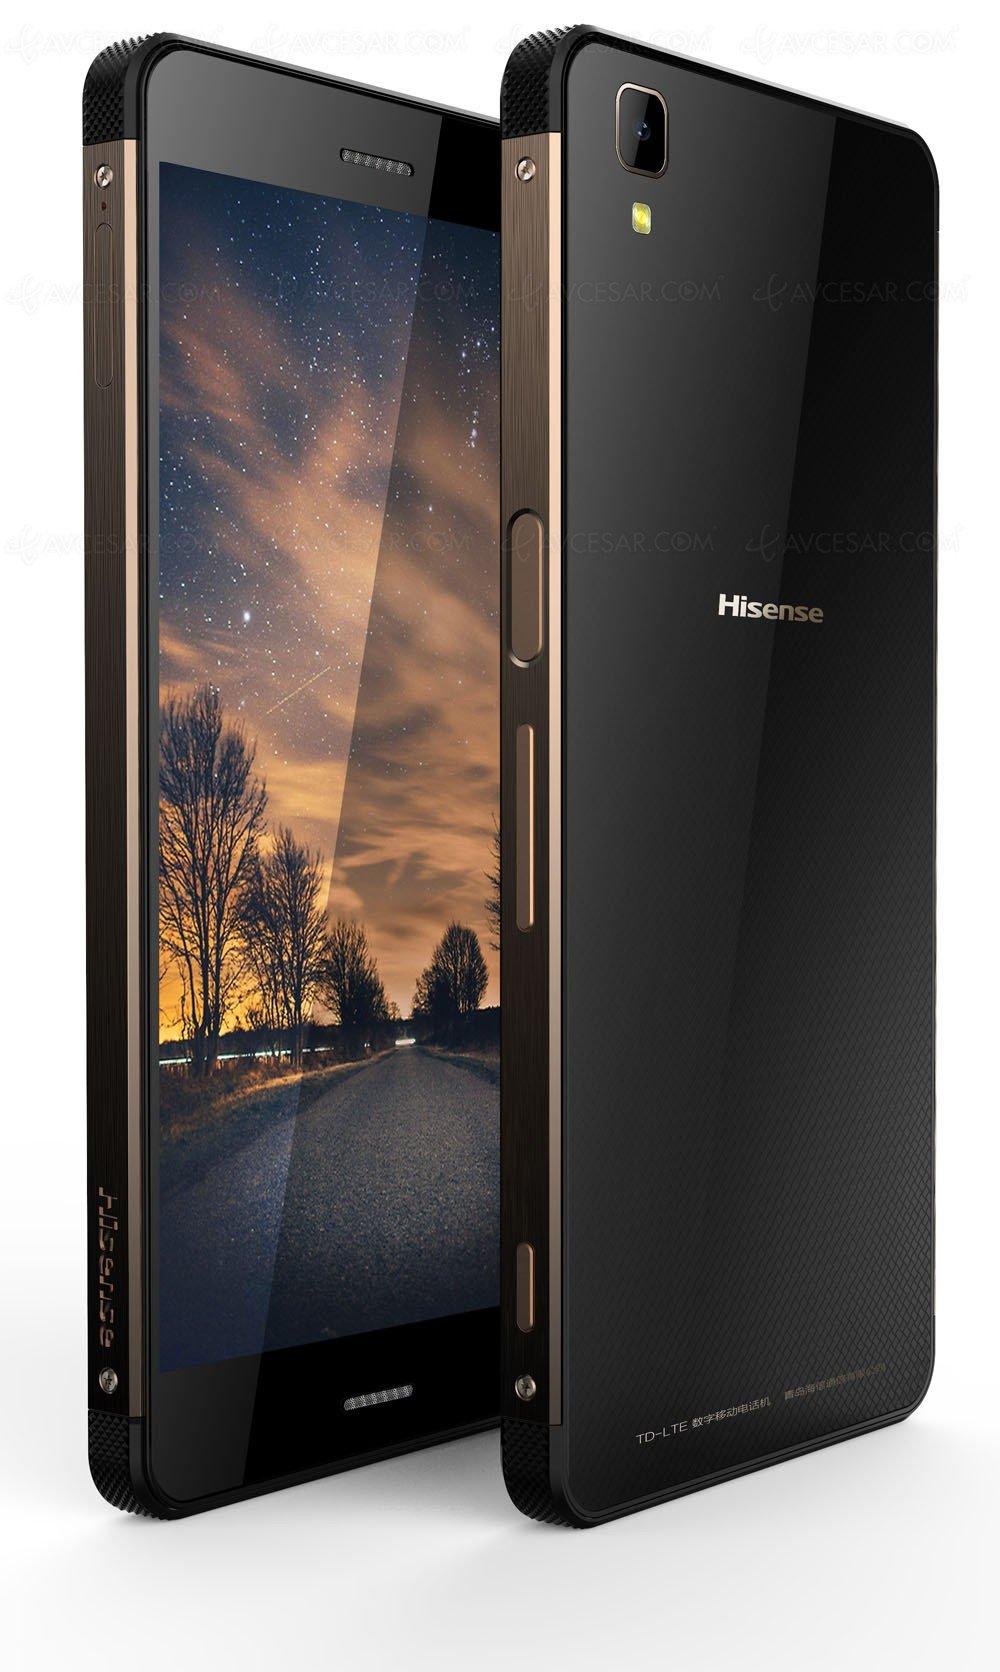 I nuovi smartphone di Hisense presentati a IFA 2016